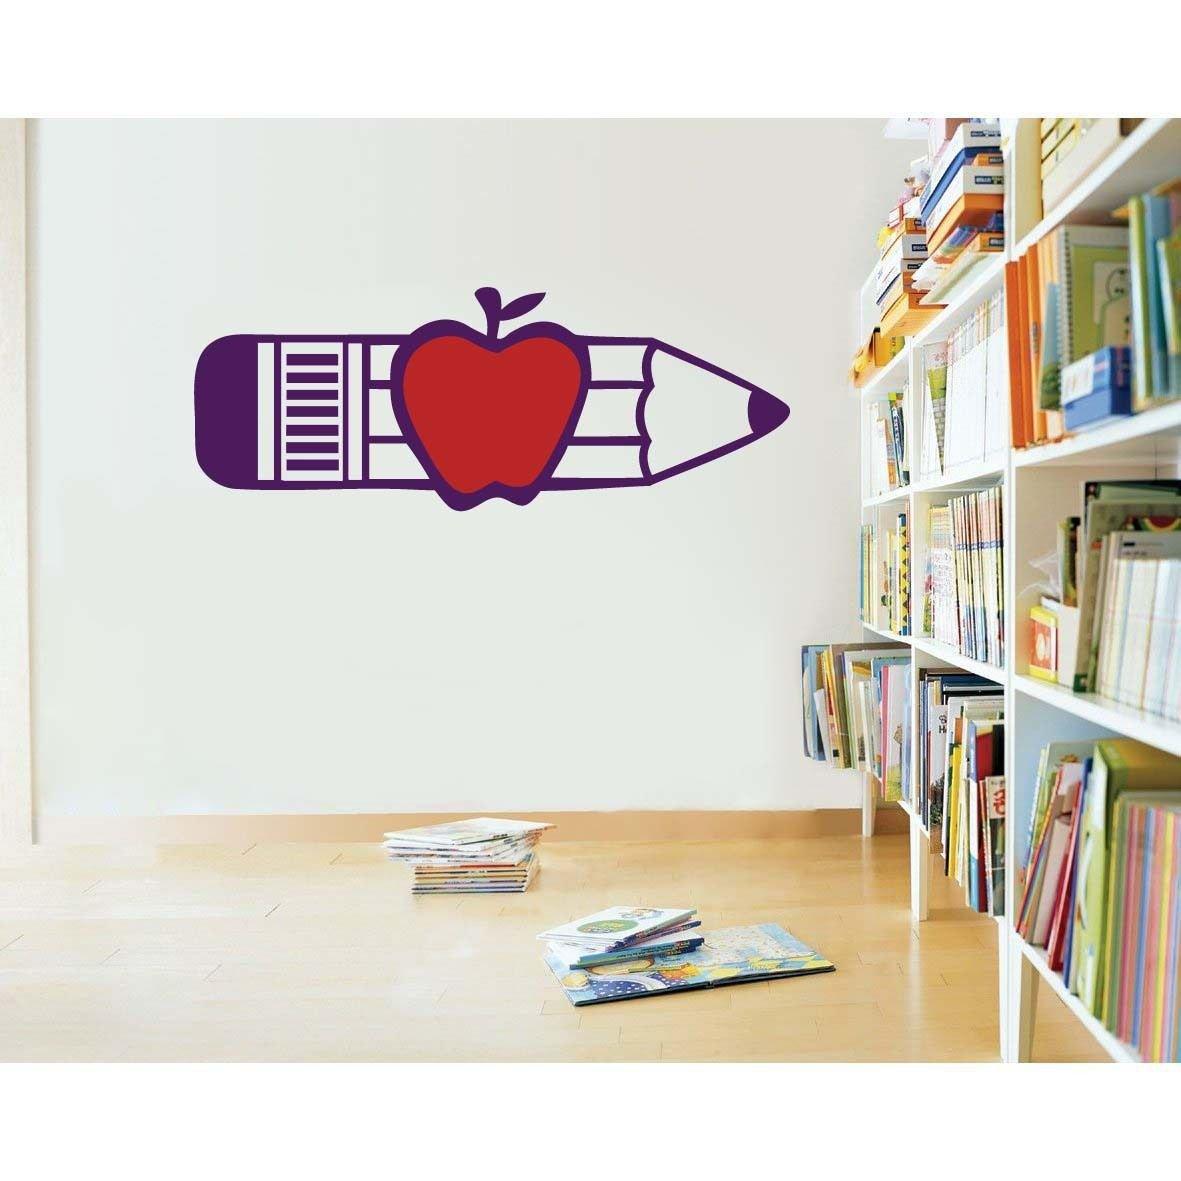 Pencil & Apple Teacher Classroom School Wall Sticker Decal